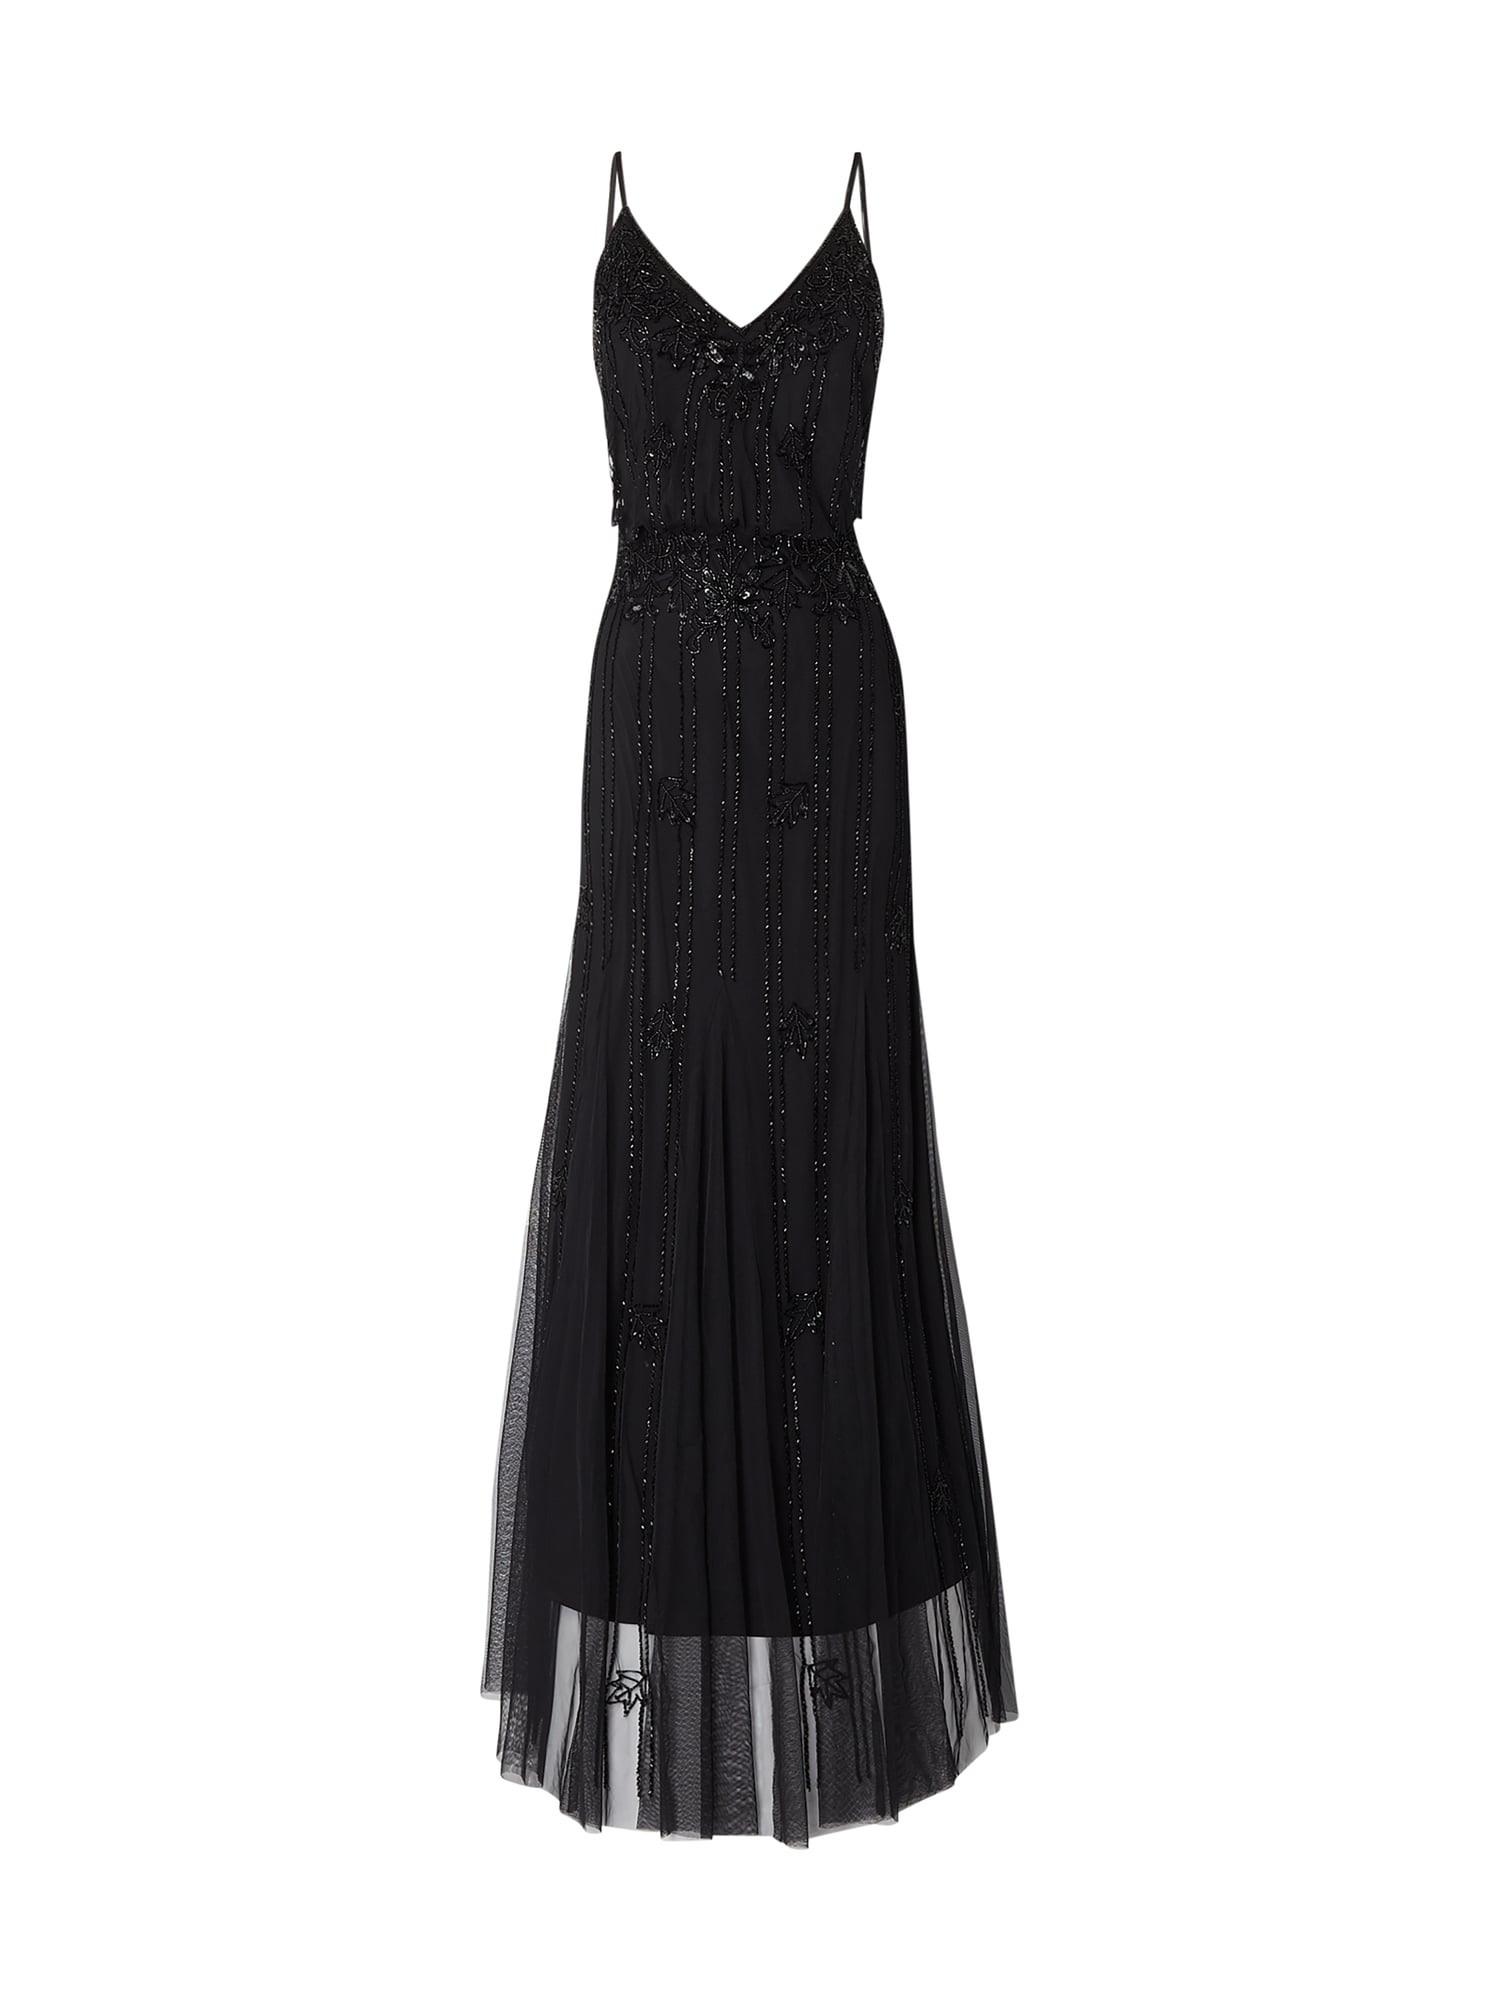 Designer Cool Abendkleider Versand BoutiqueFormal Ausgezeichnet Abendkleider Versand Stylish